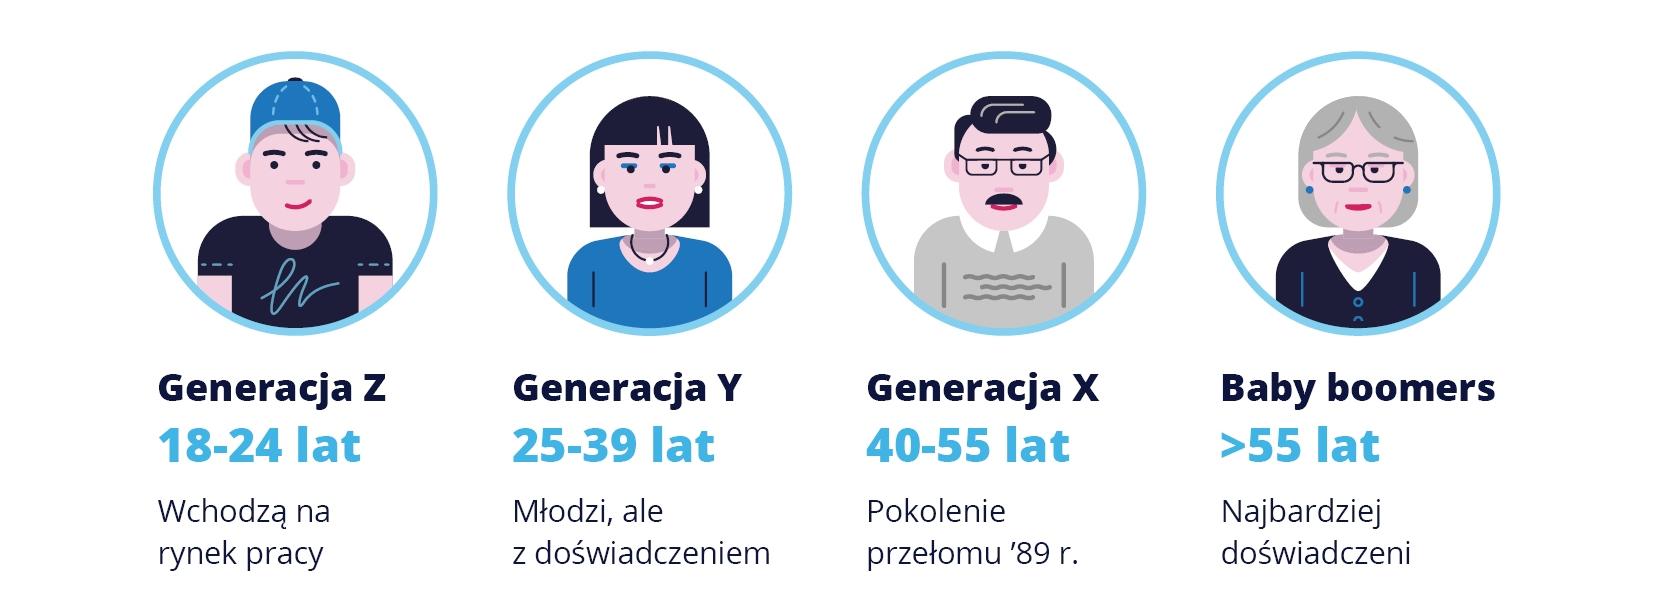 (źródło: pracuj.pl)